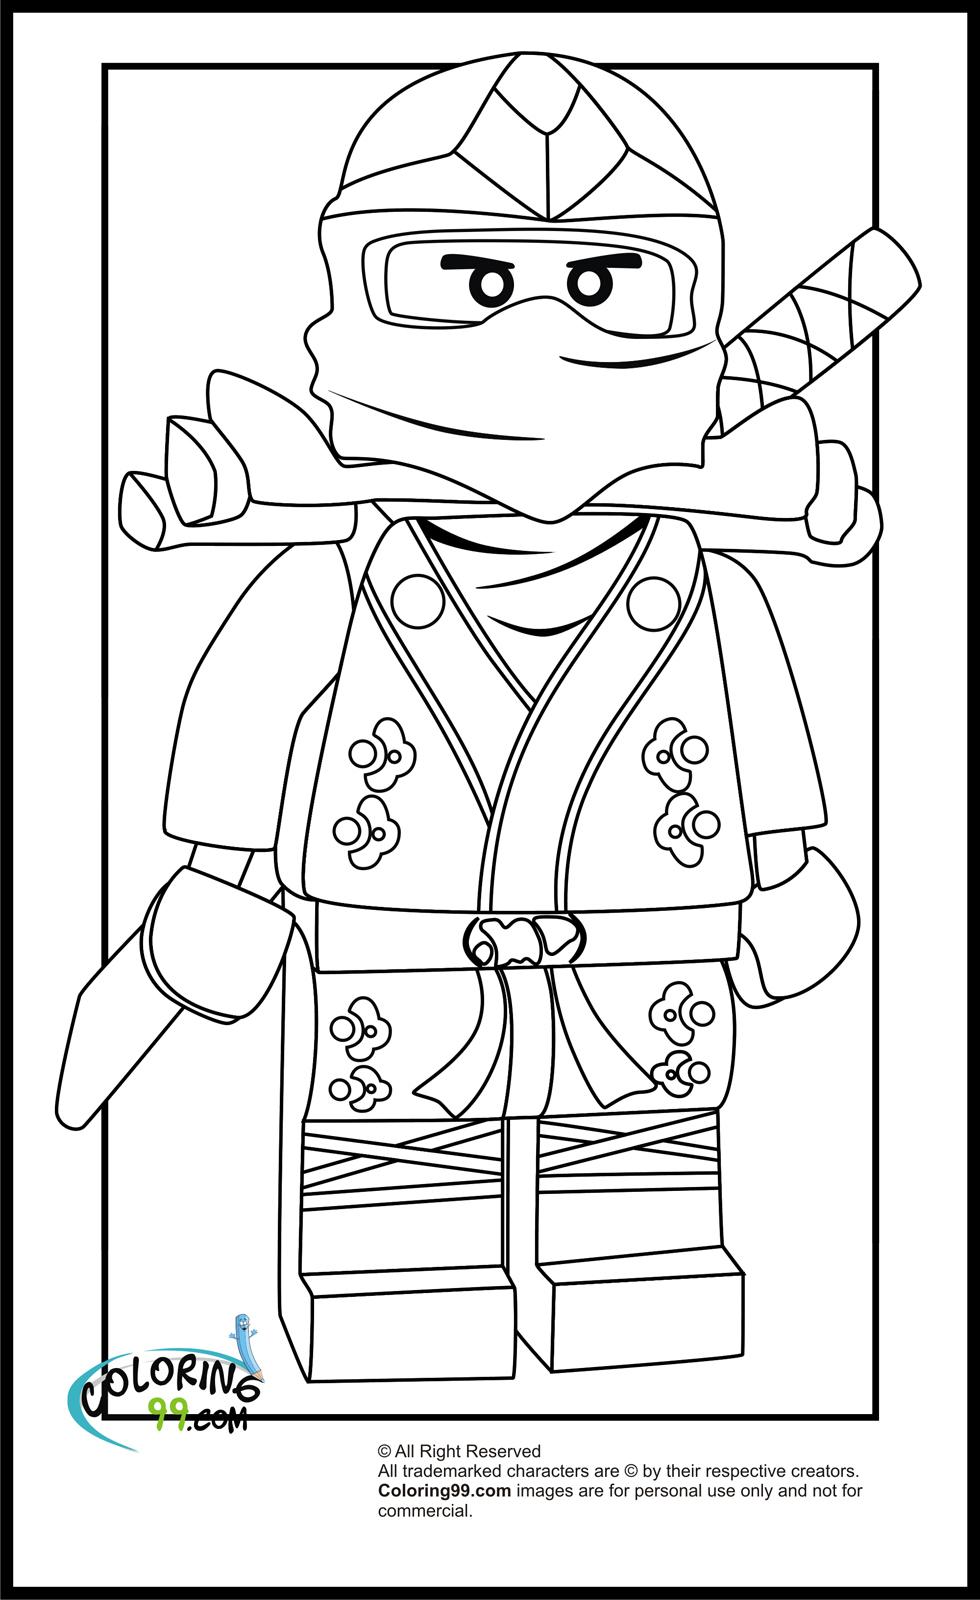 Ninjago #13 (Dessins Animés) – Coloriages À Imprimer pour Colorino A Imprimer